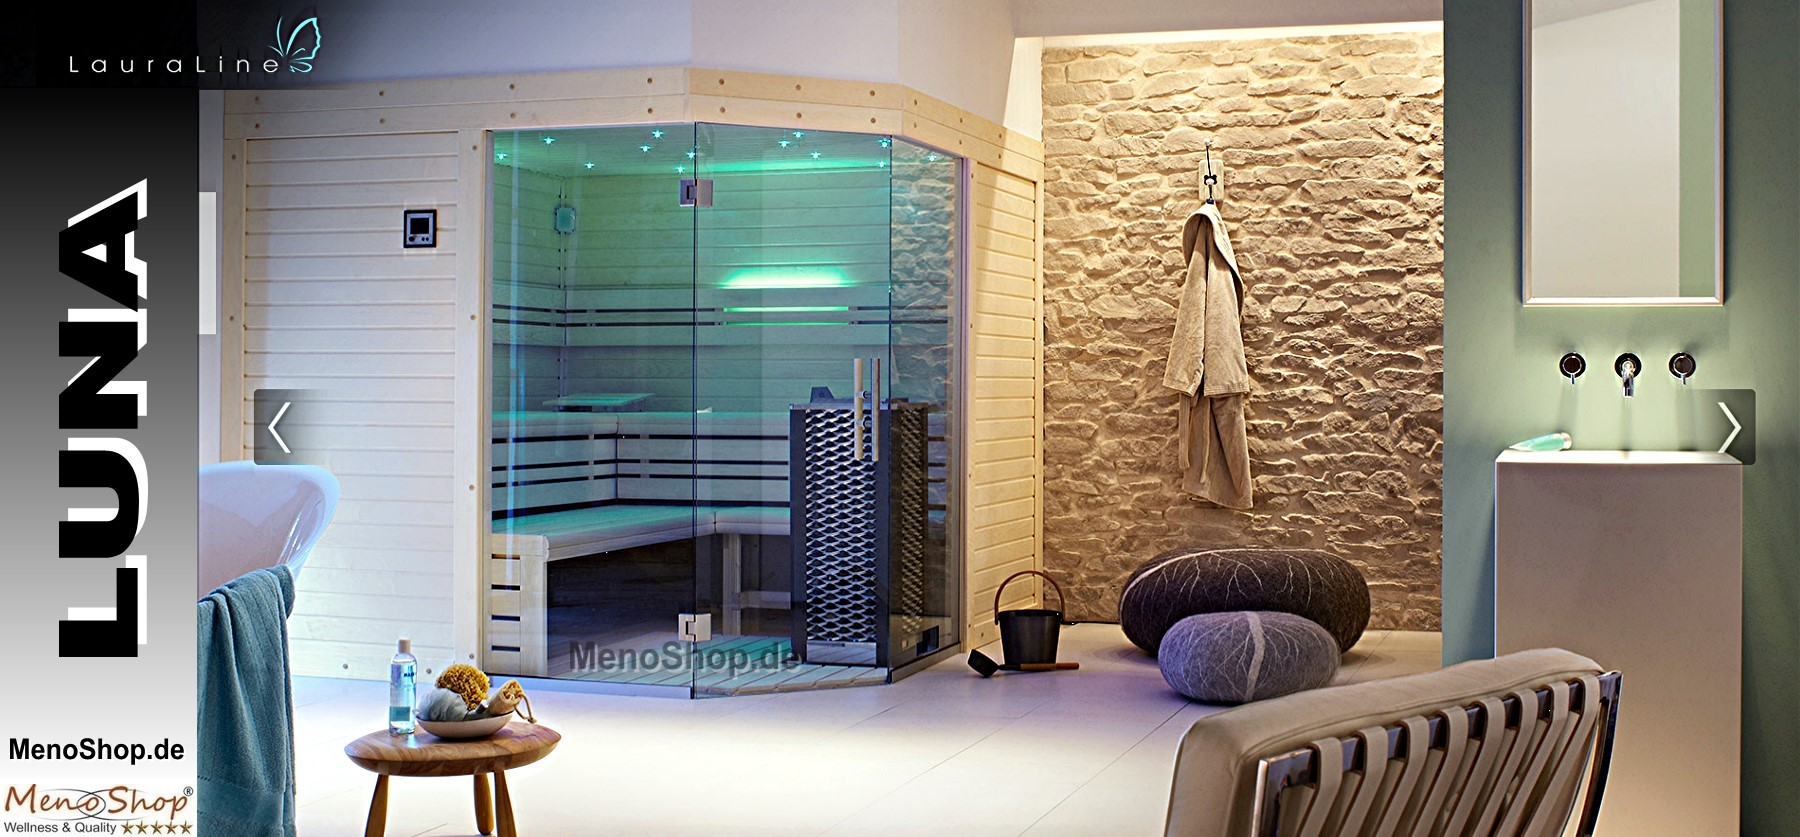 Full Size of Lauraline Design Sauna Luna Wellness Wohnzimmer Außensauna Wandaufbau